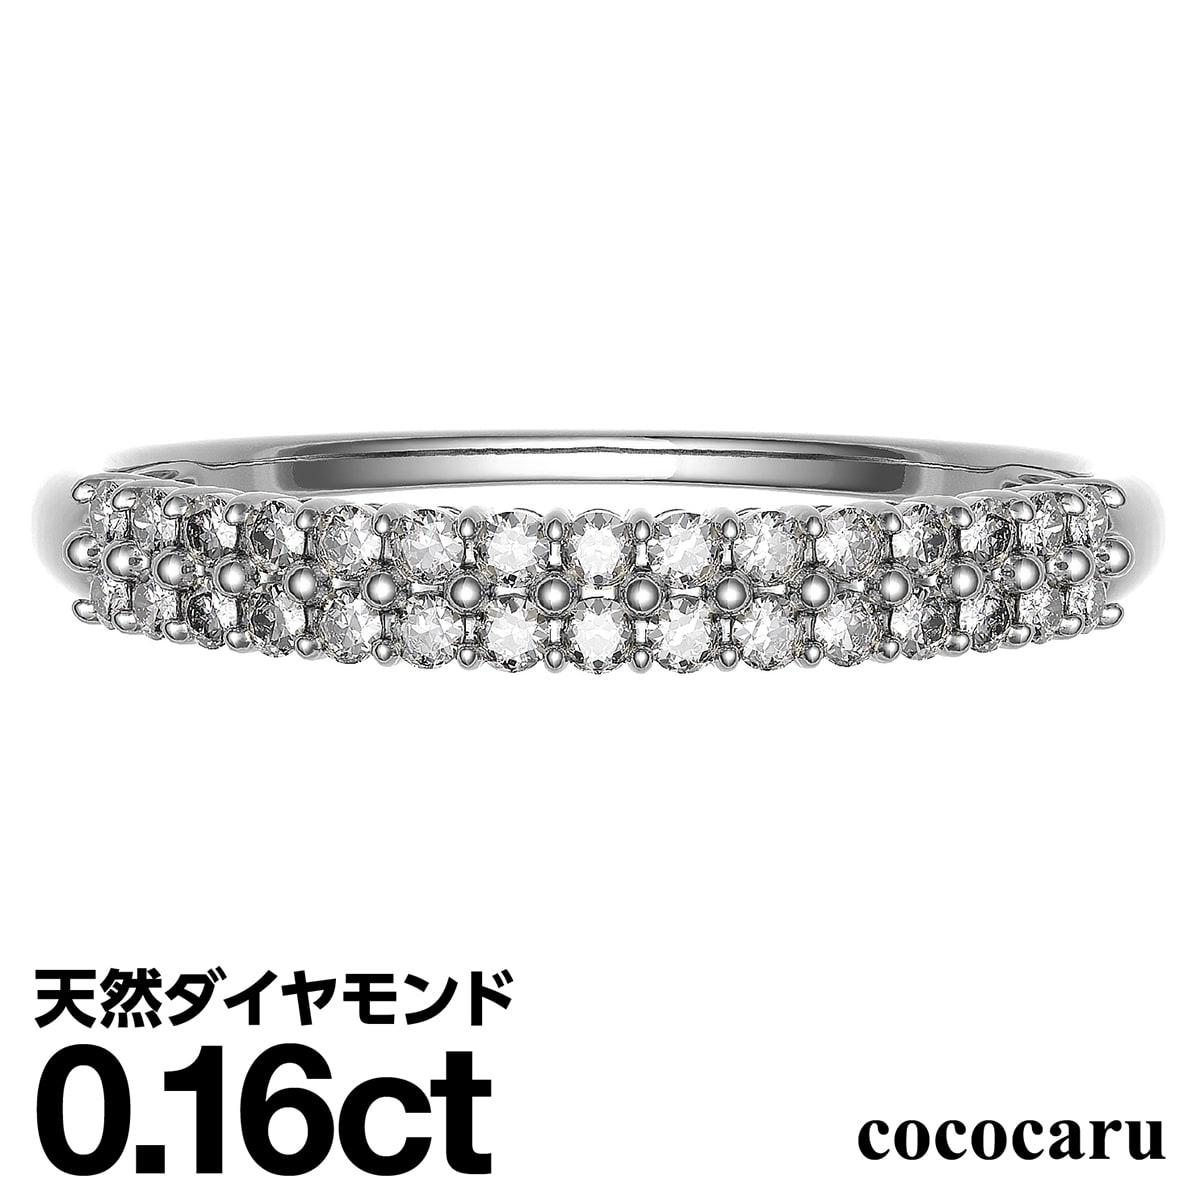 パヴェ 天然ダイヤモンド リング プラチナ900 品質保証書 金属アレルギー 日本製